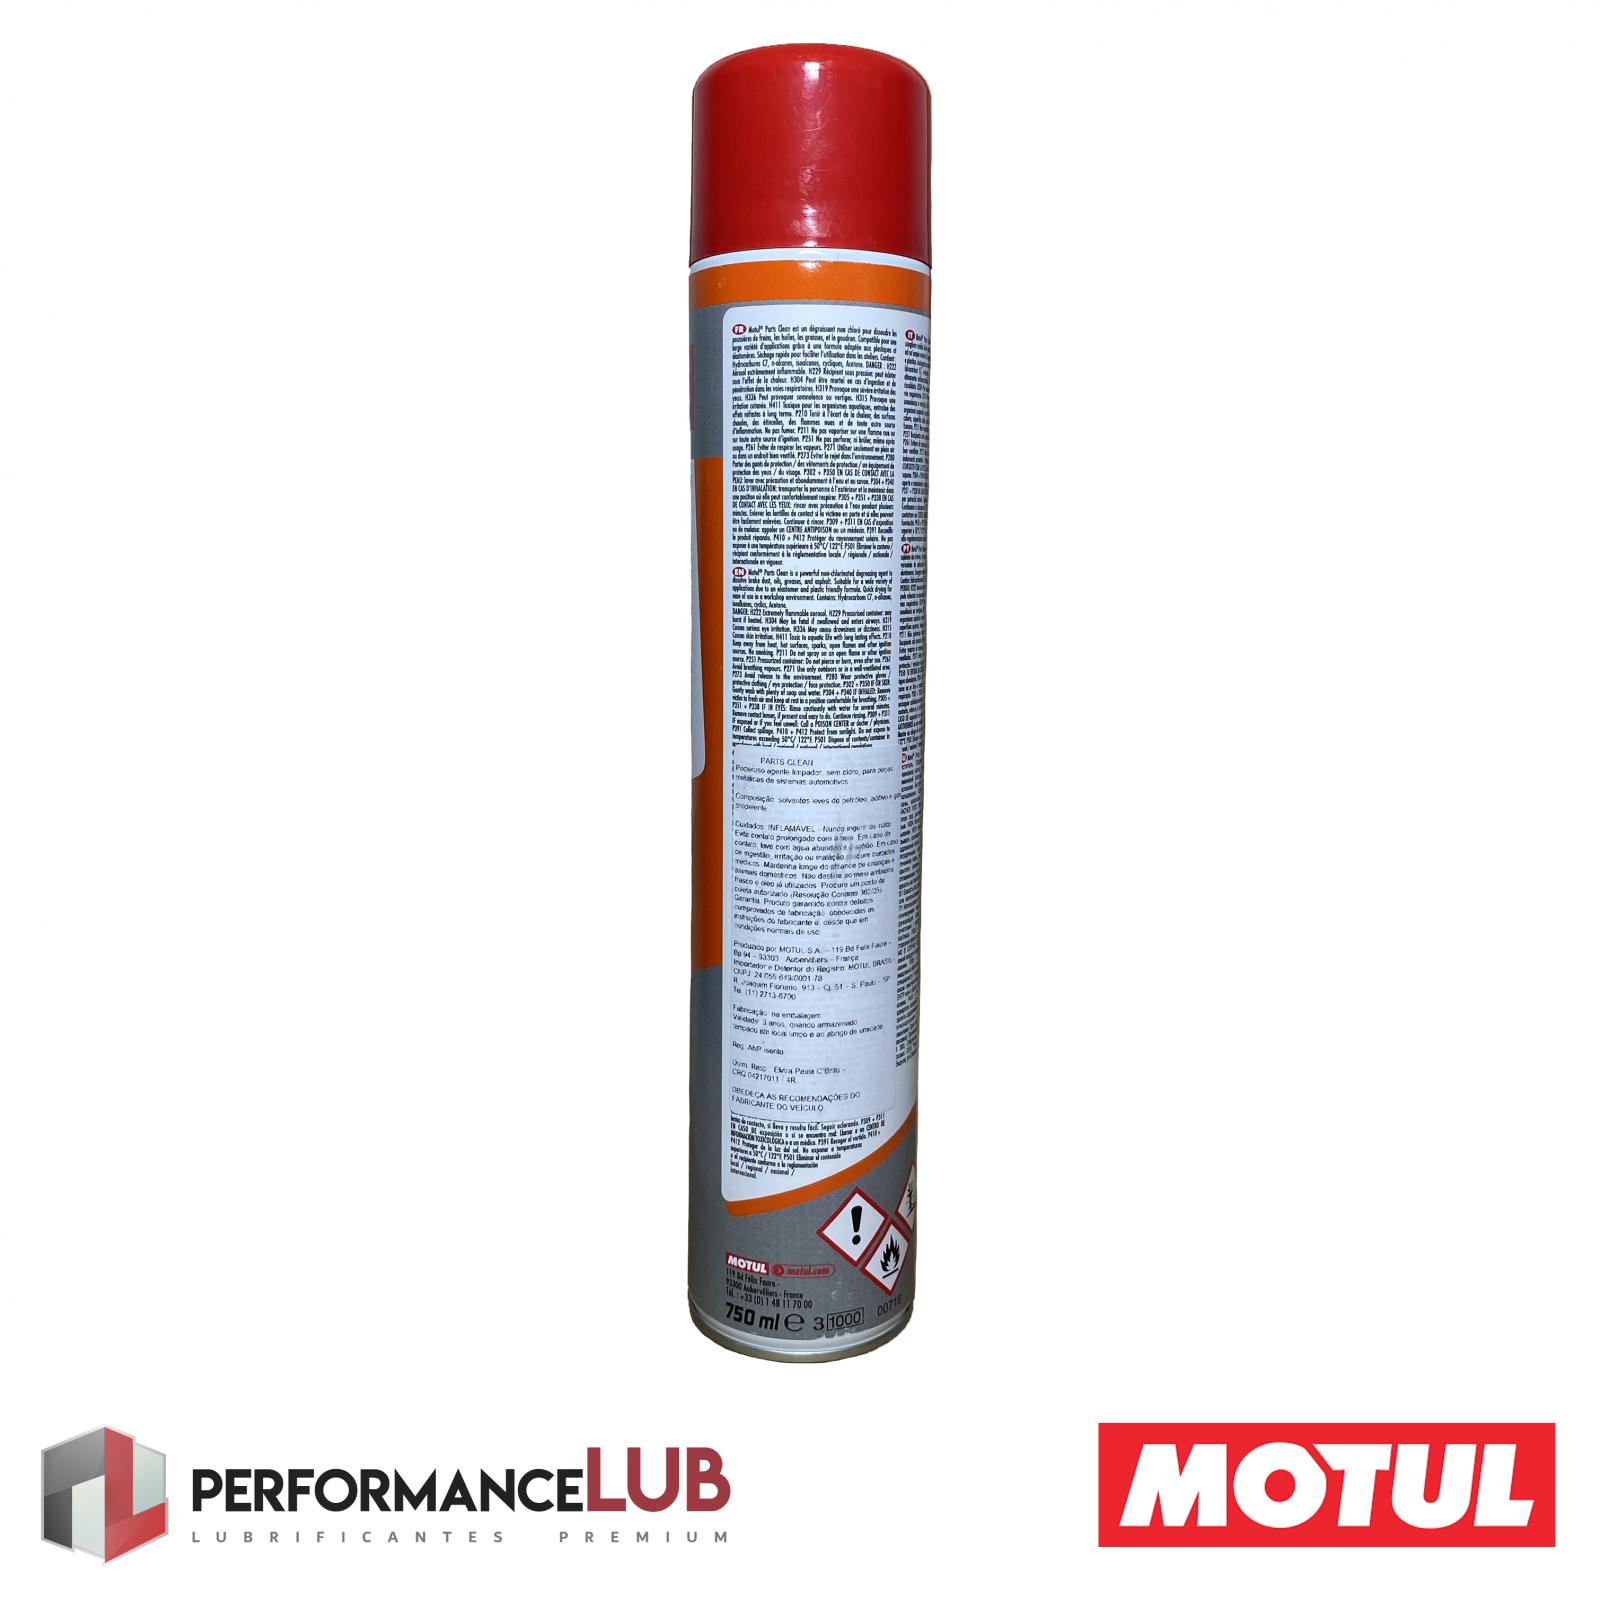 Parts Clean - 750 ml - PerformanceLUB Lubrificantes Premium